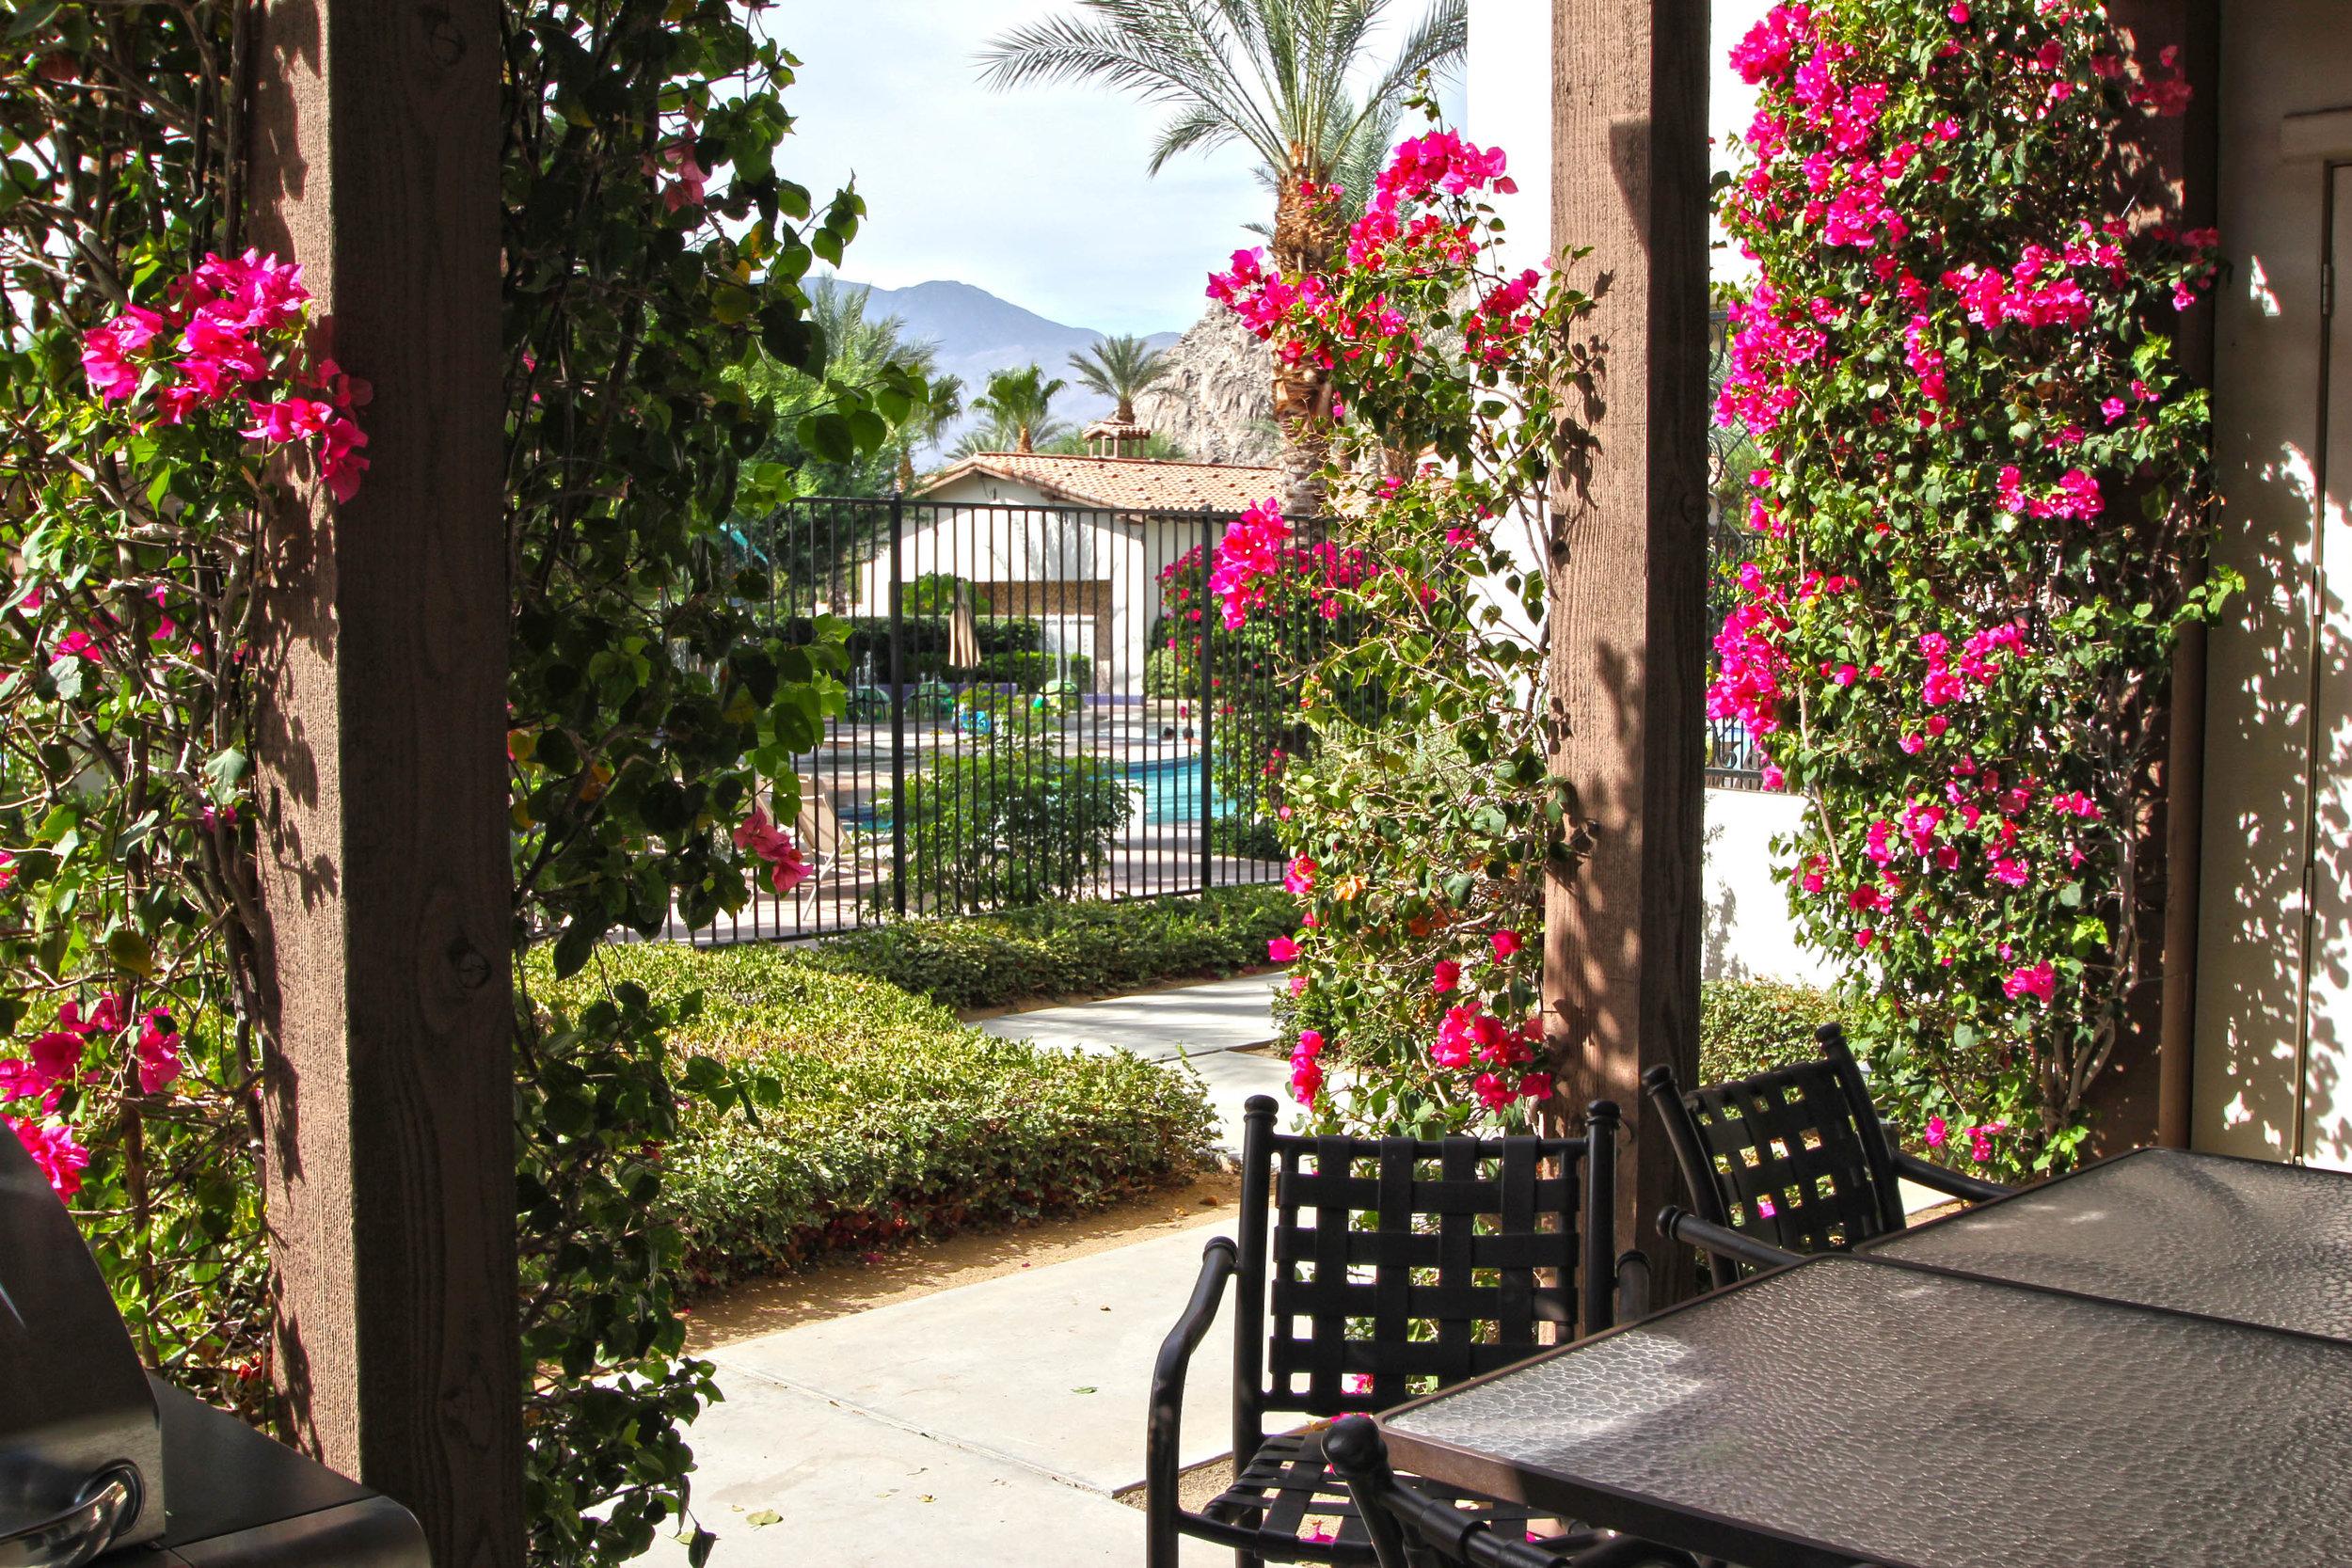 3br/3ba Ground-floor villa (La Quinta, CA)